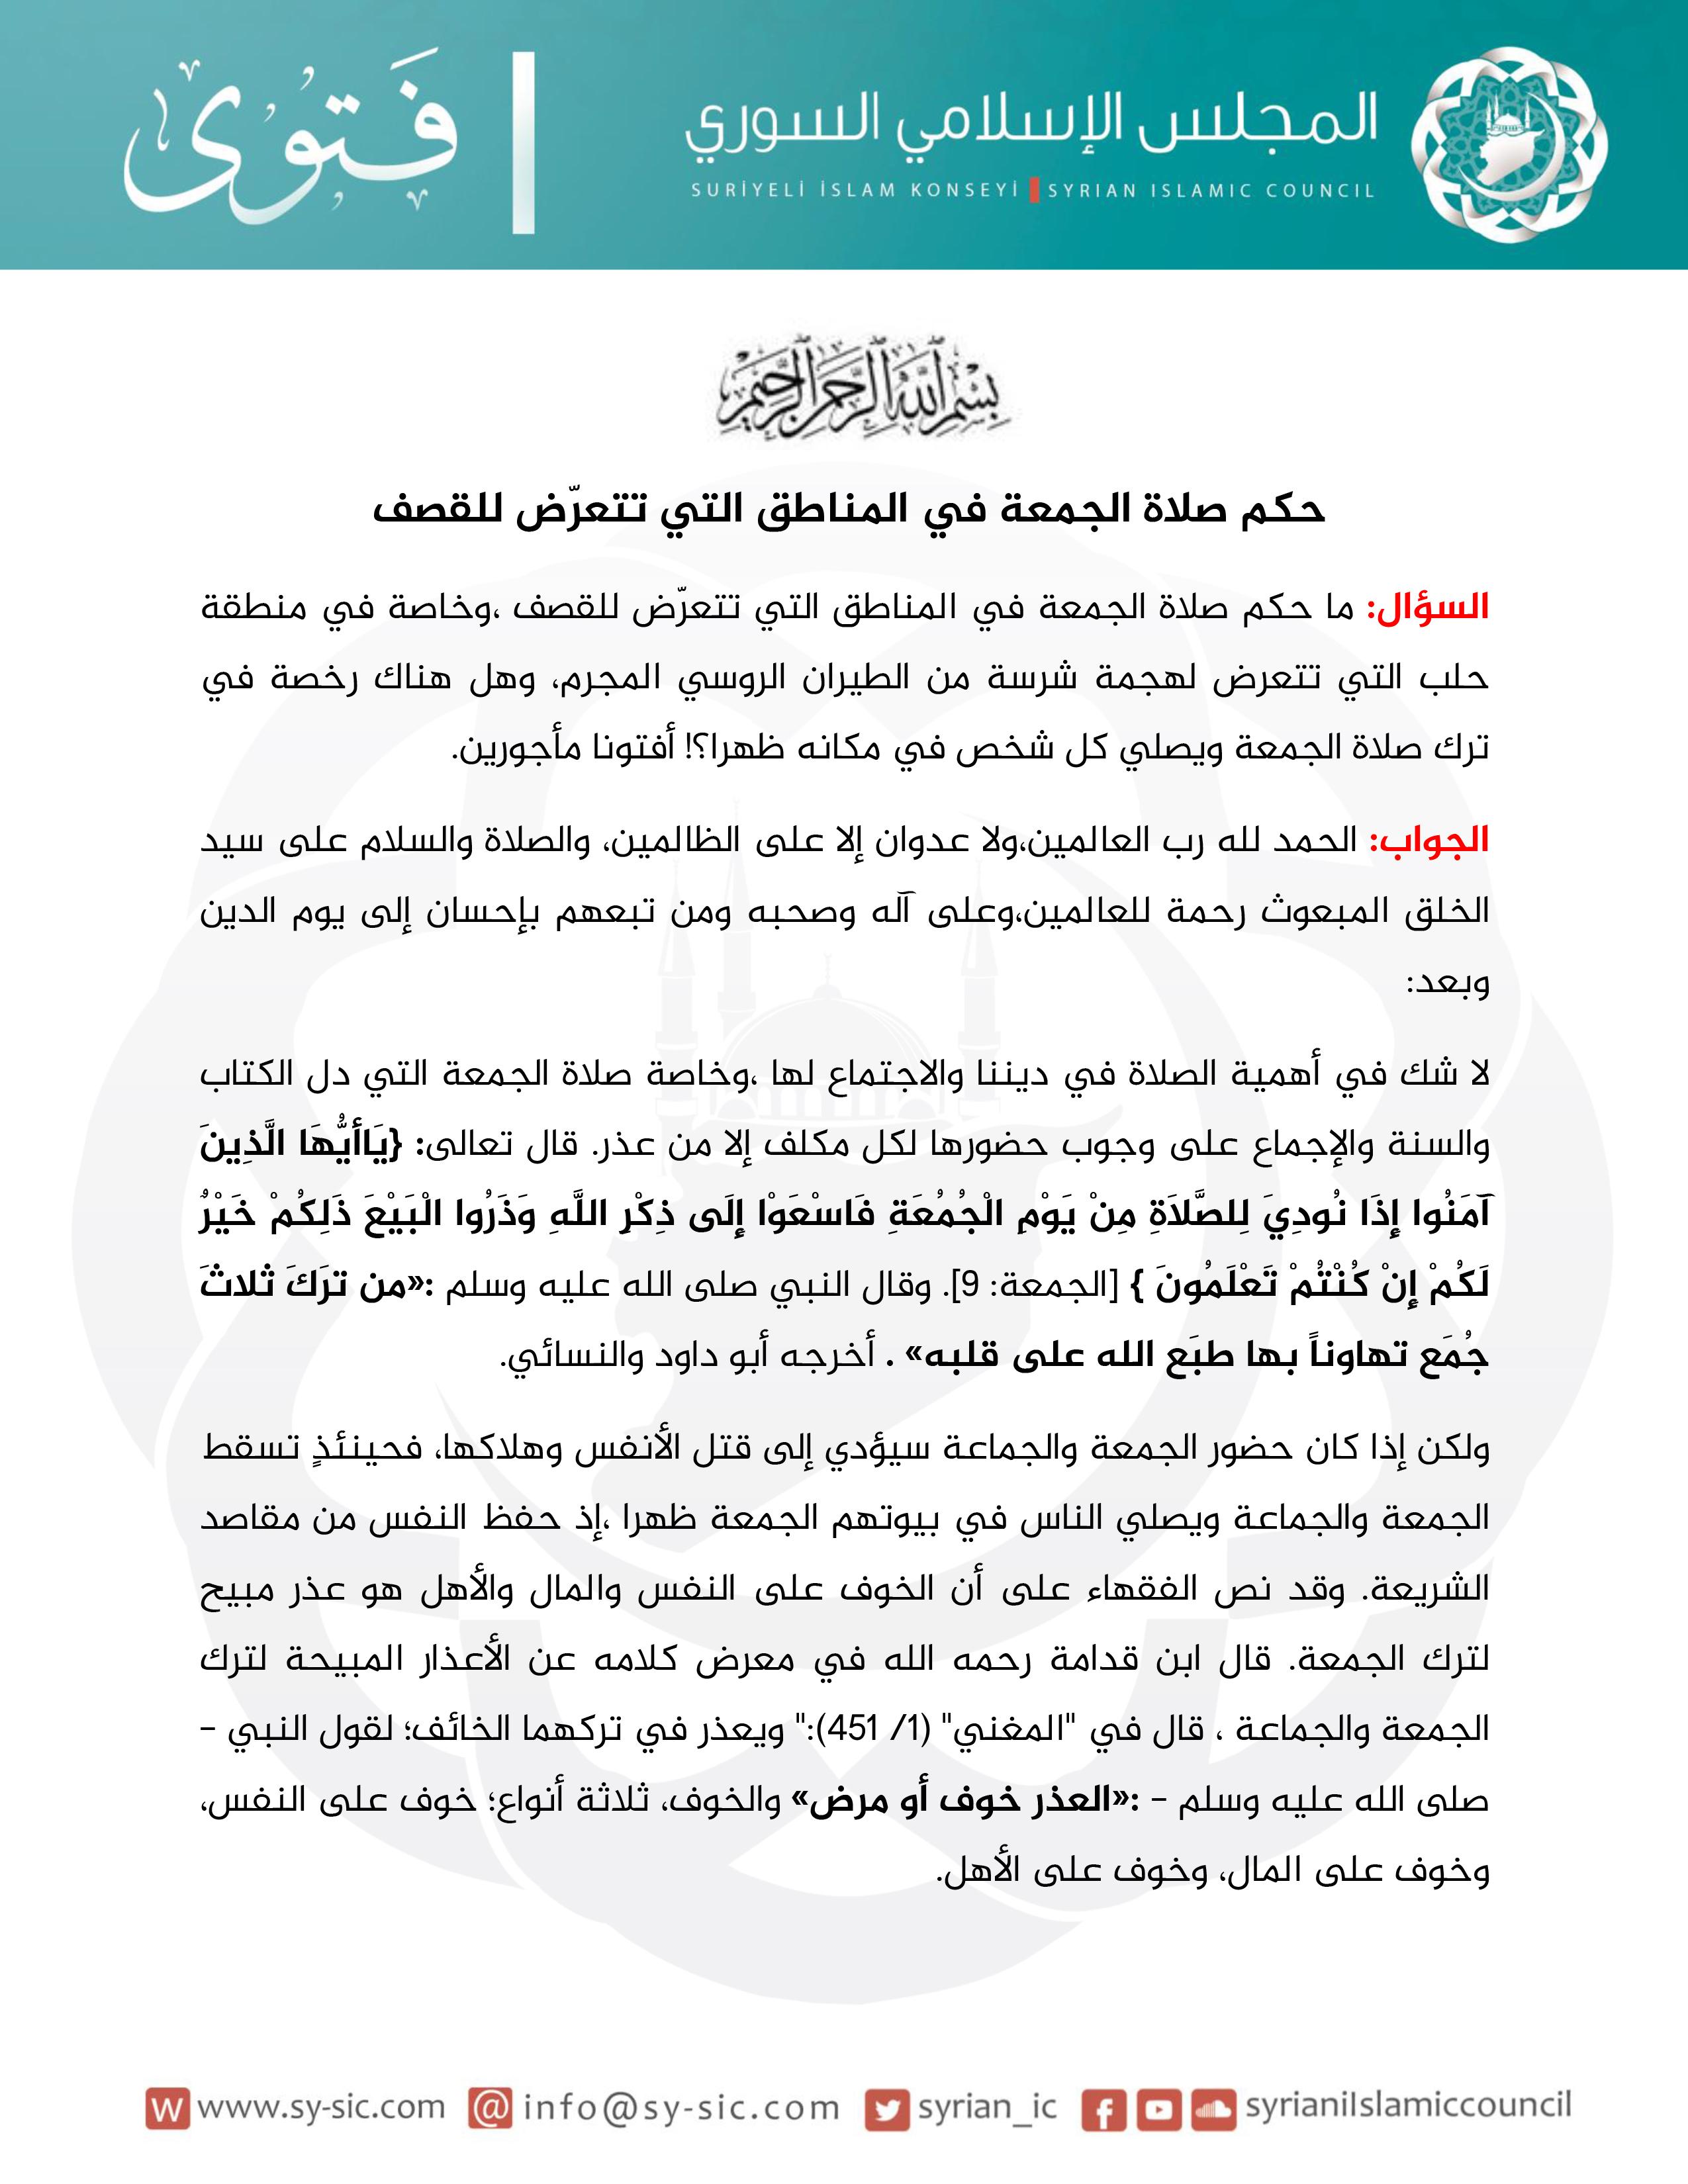 حكم صلاة الجمعة في المناطق التي تتعرض للقصف المجلس الإسلامي السوري